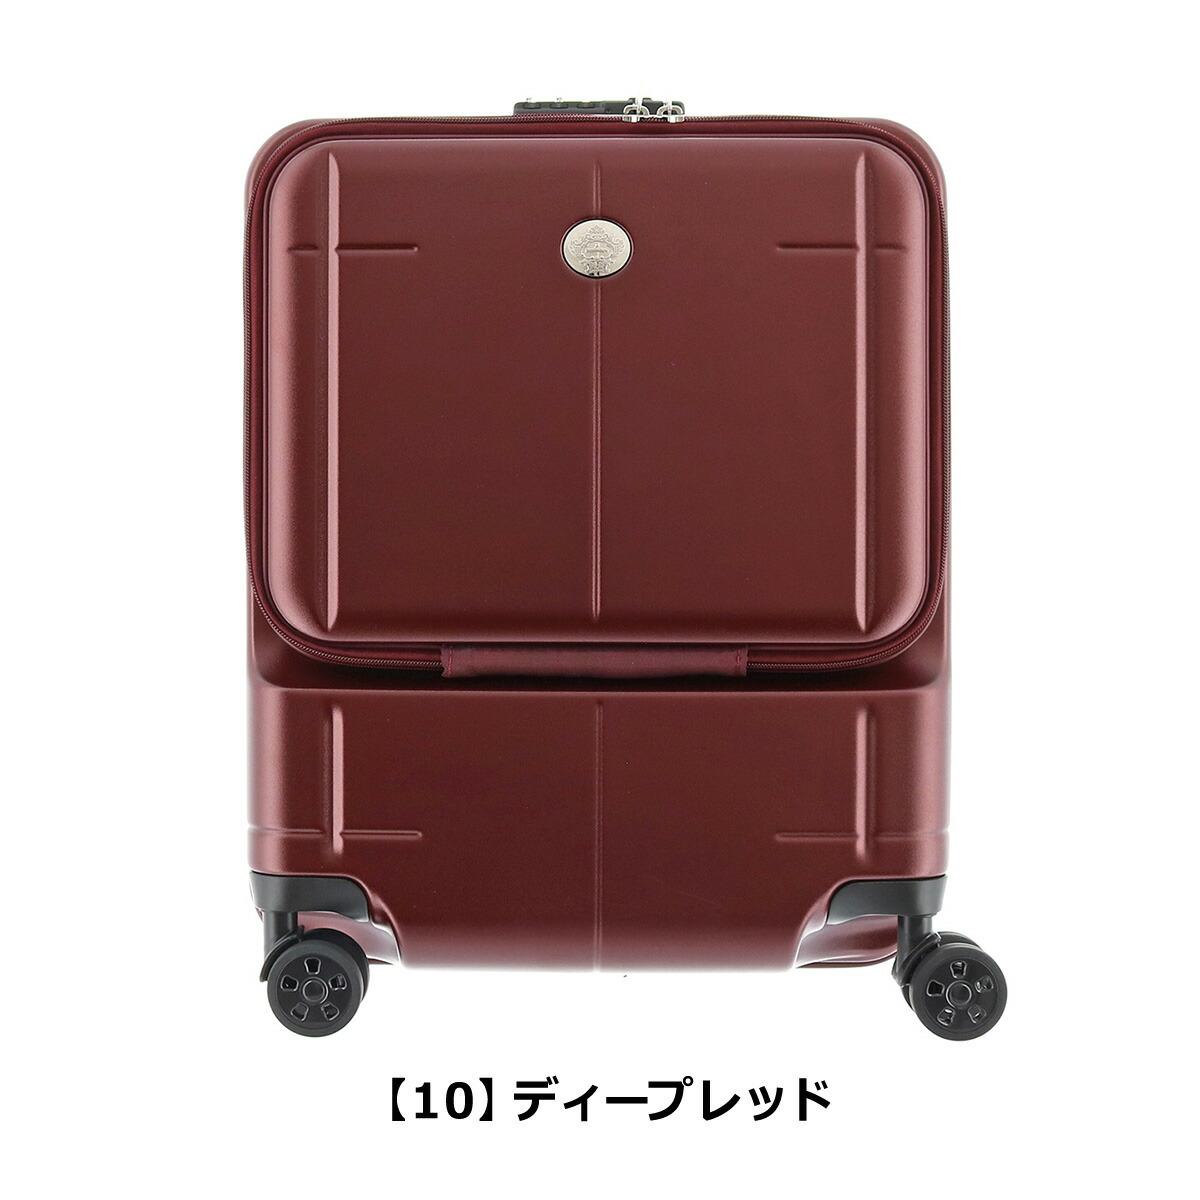 【10】ディープレッド